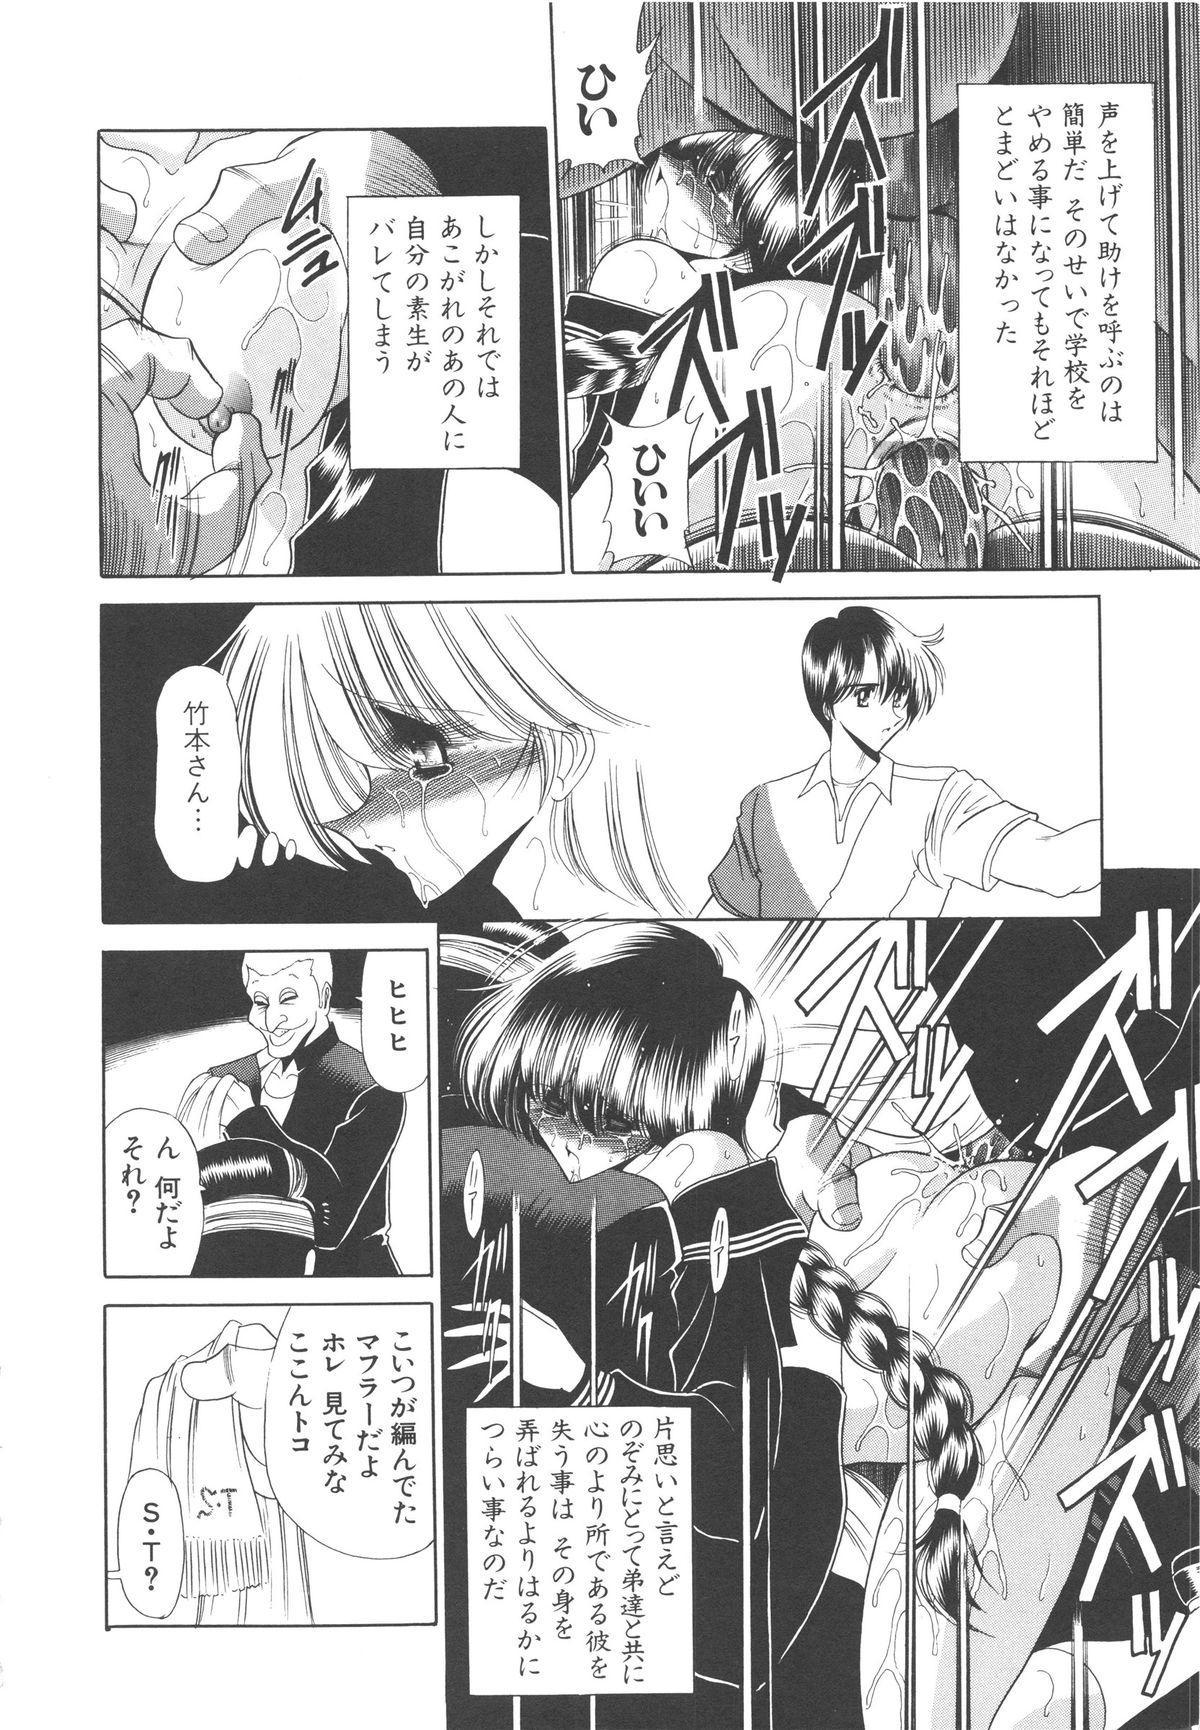 Aware na Shoujo no Hanashi 188